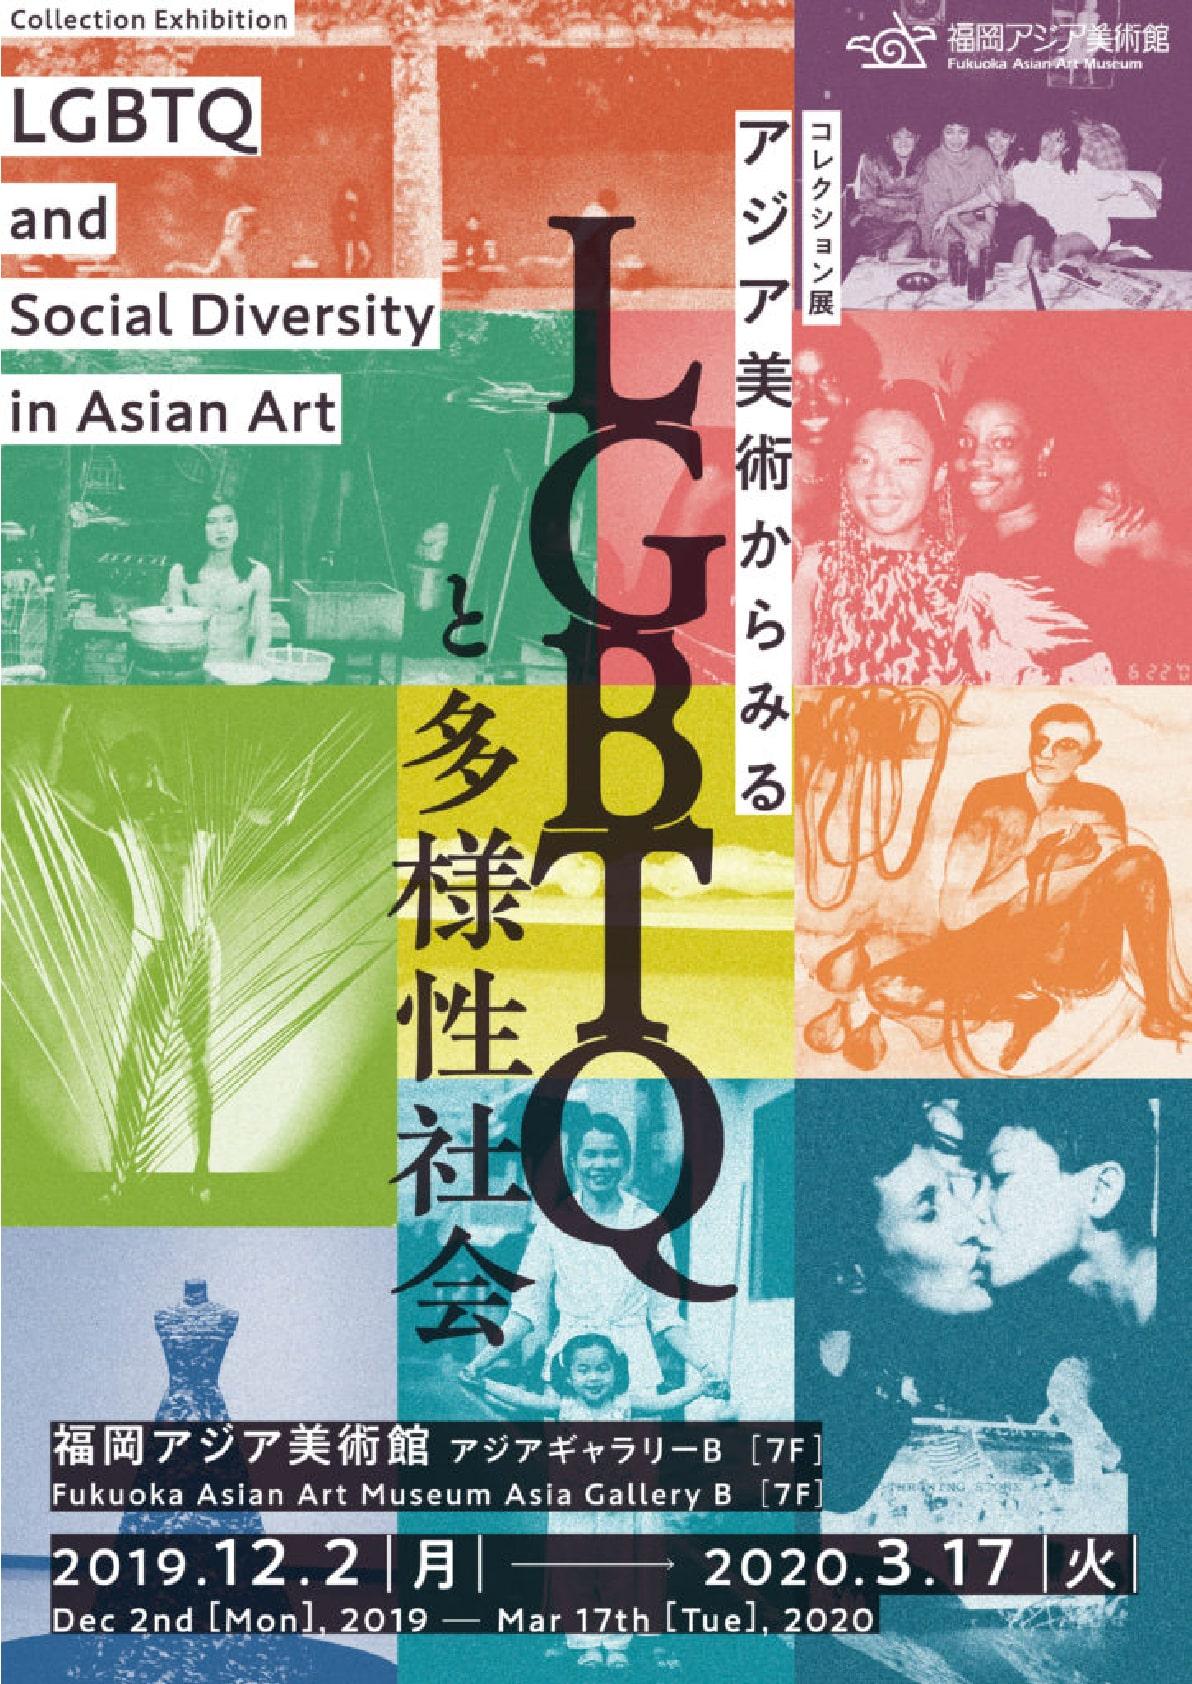 アジア美術からみるLGBTQと多様性社会チラシ1